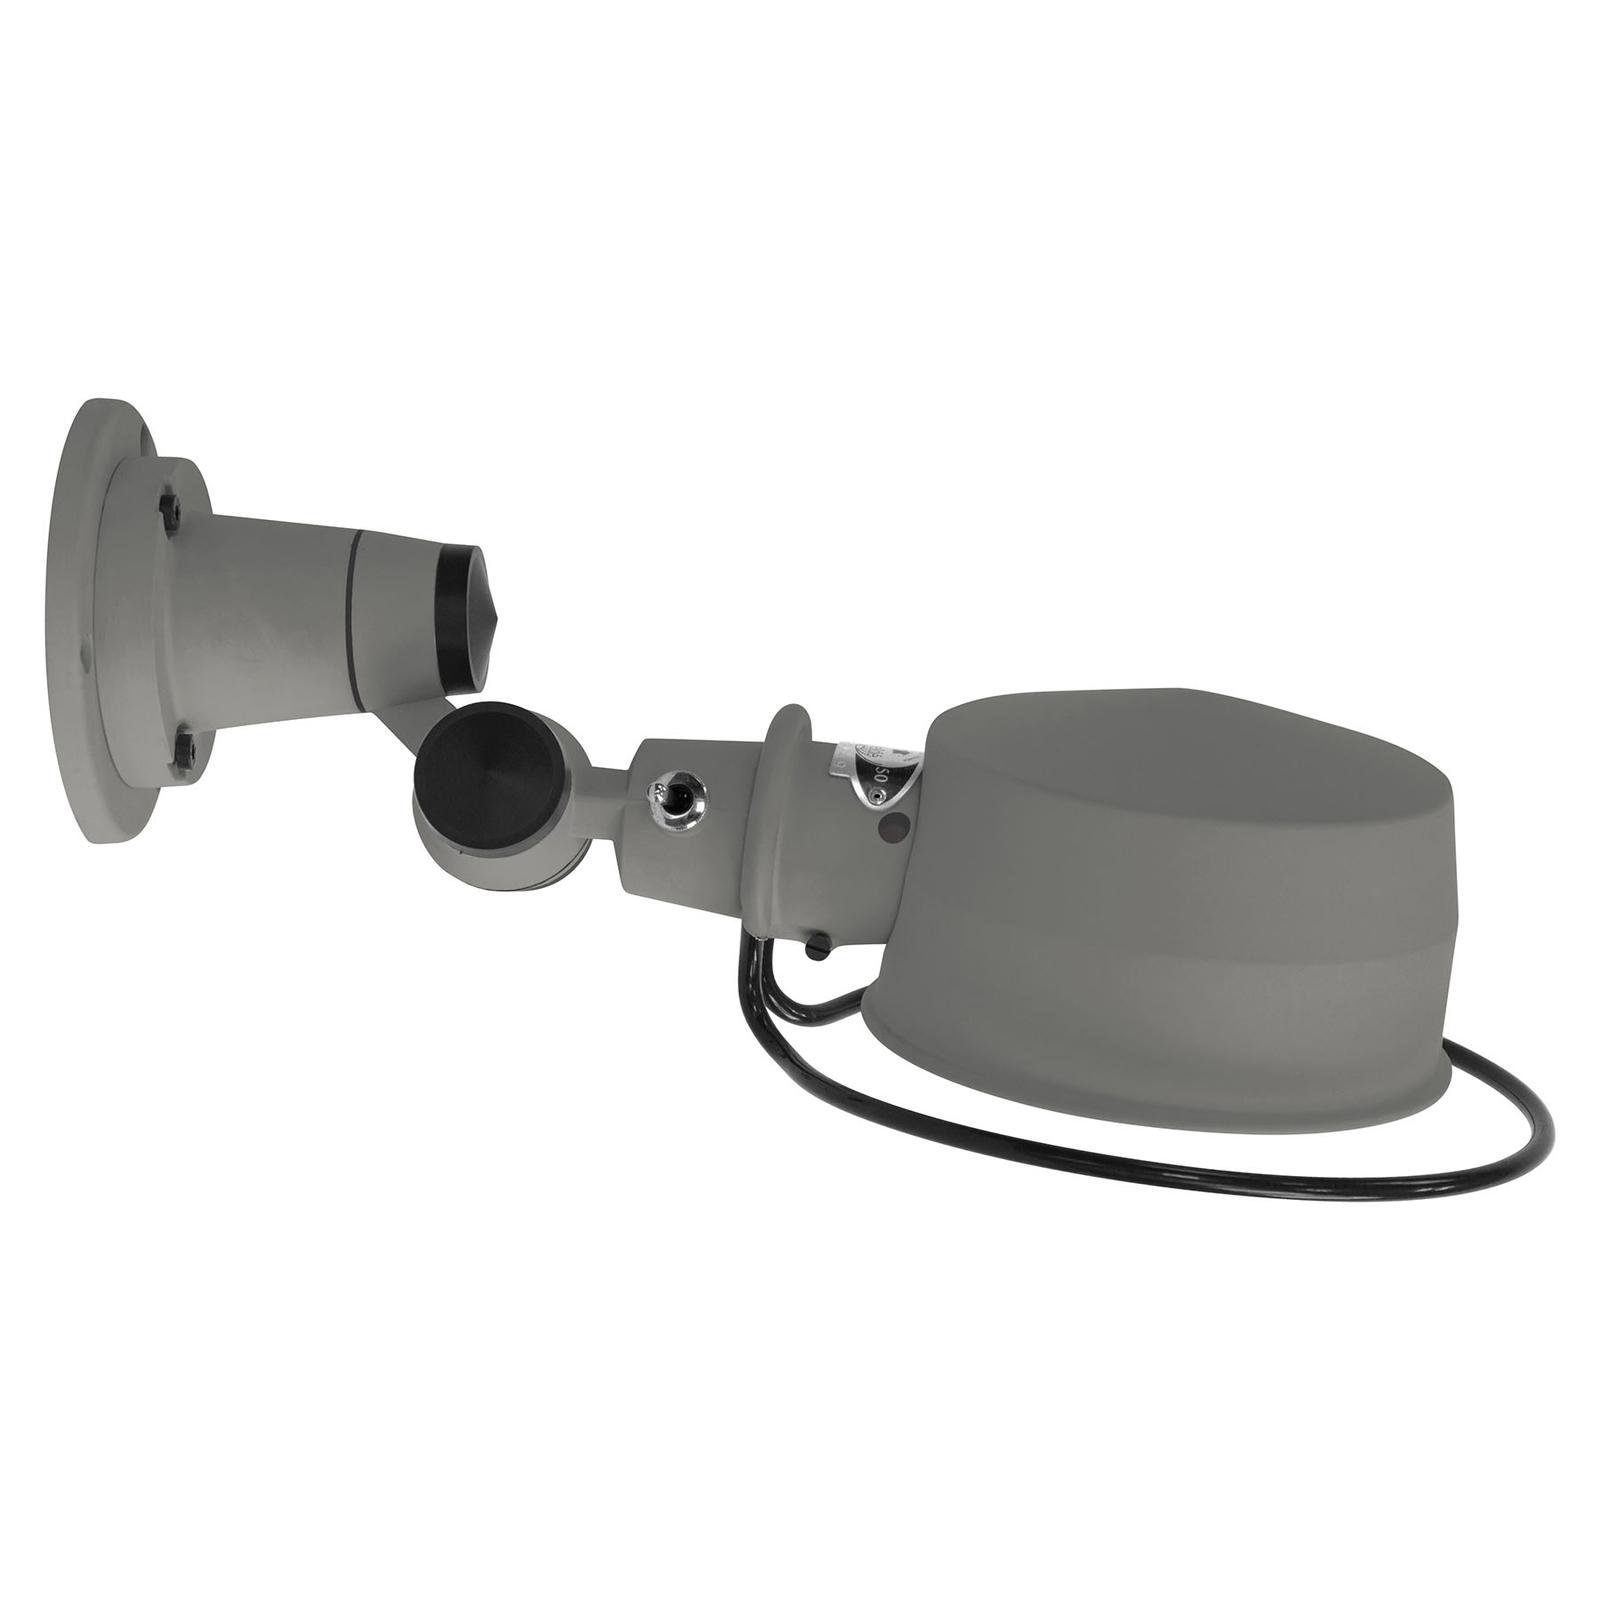 Jieldé Lak L1000 applique articulée gris mat